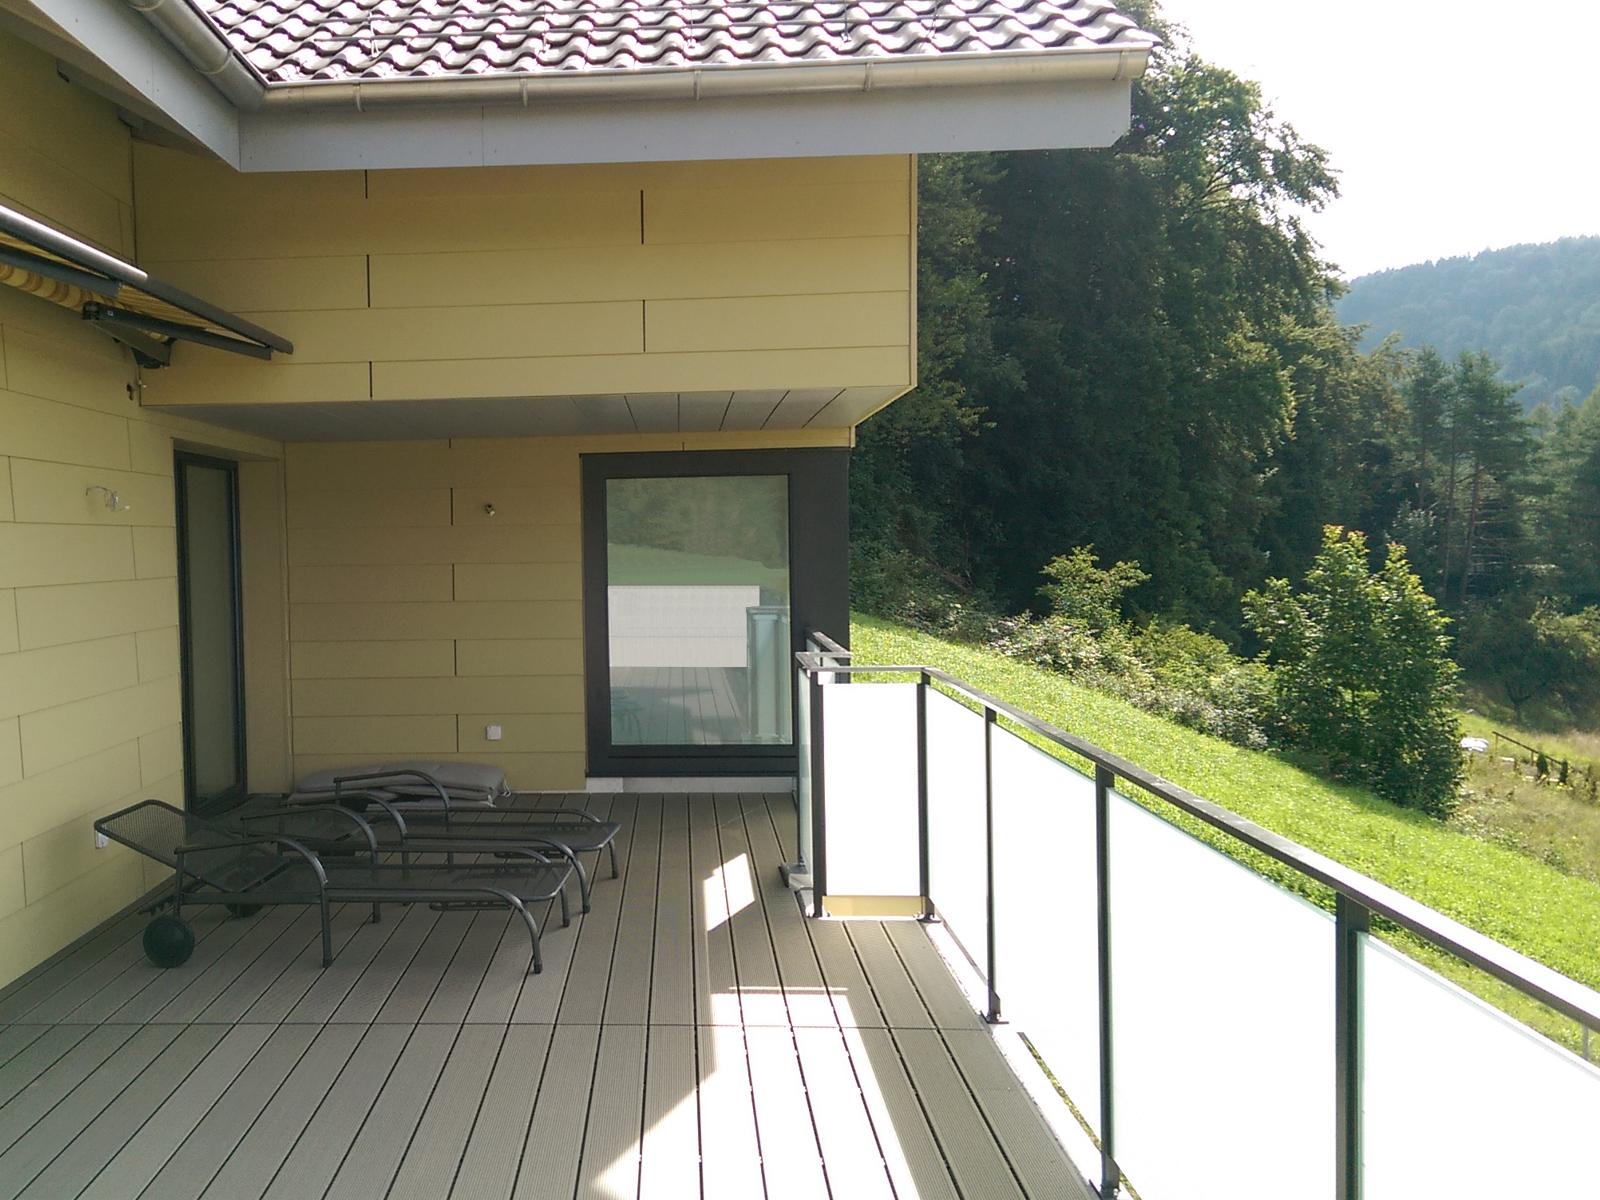 Wohnhaus turbenthal zh 2013 - Bachmann badie architekten ...